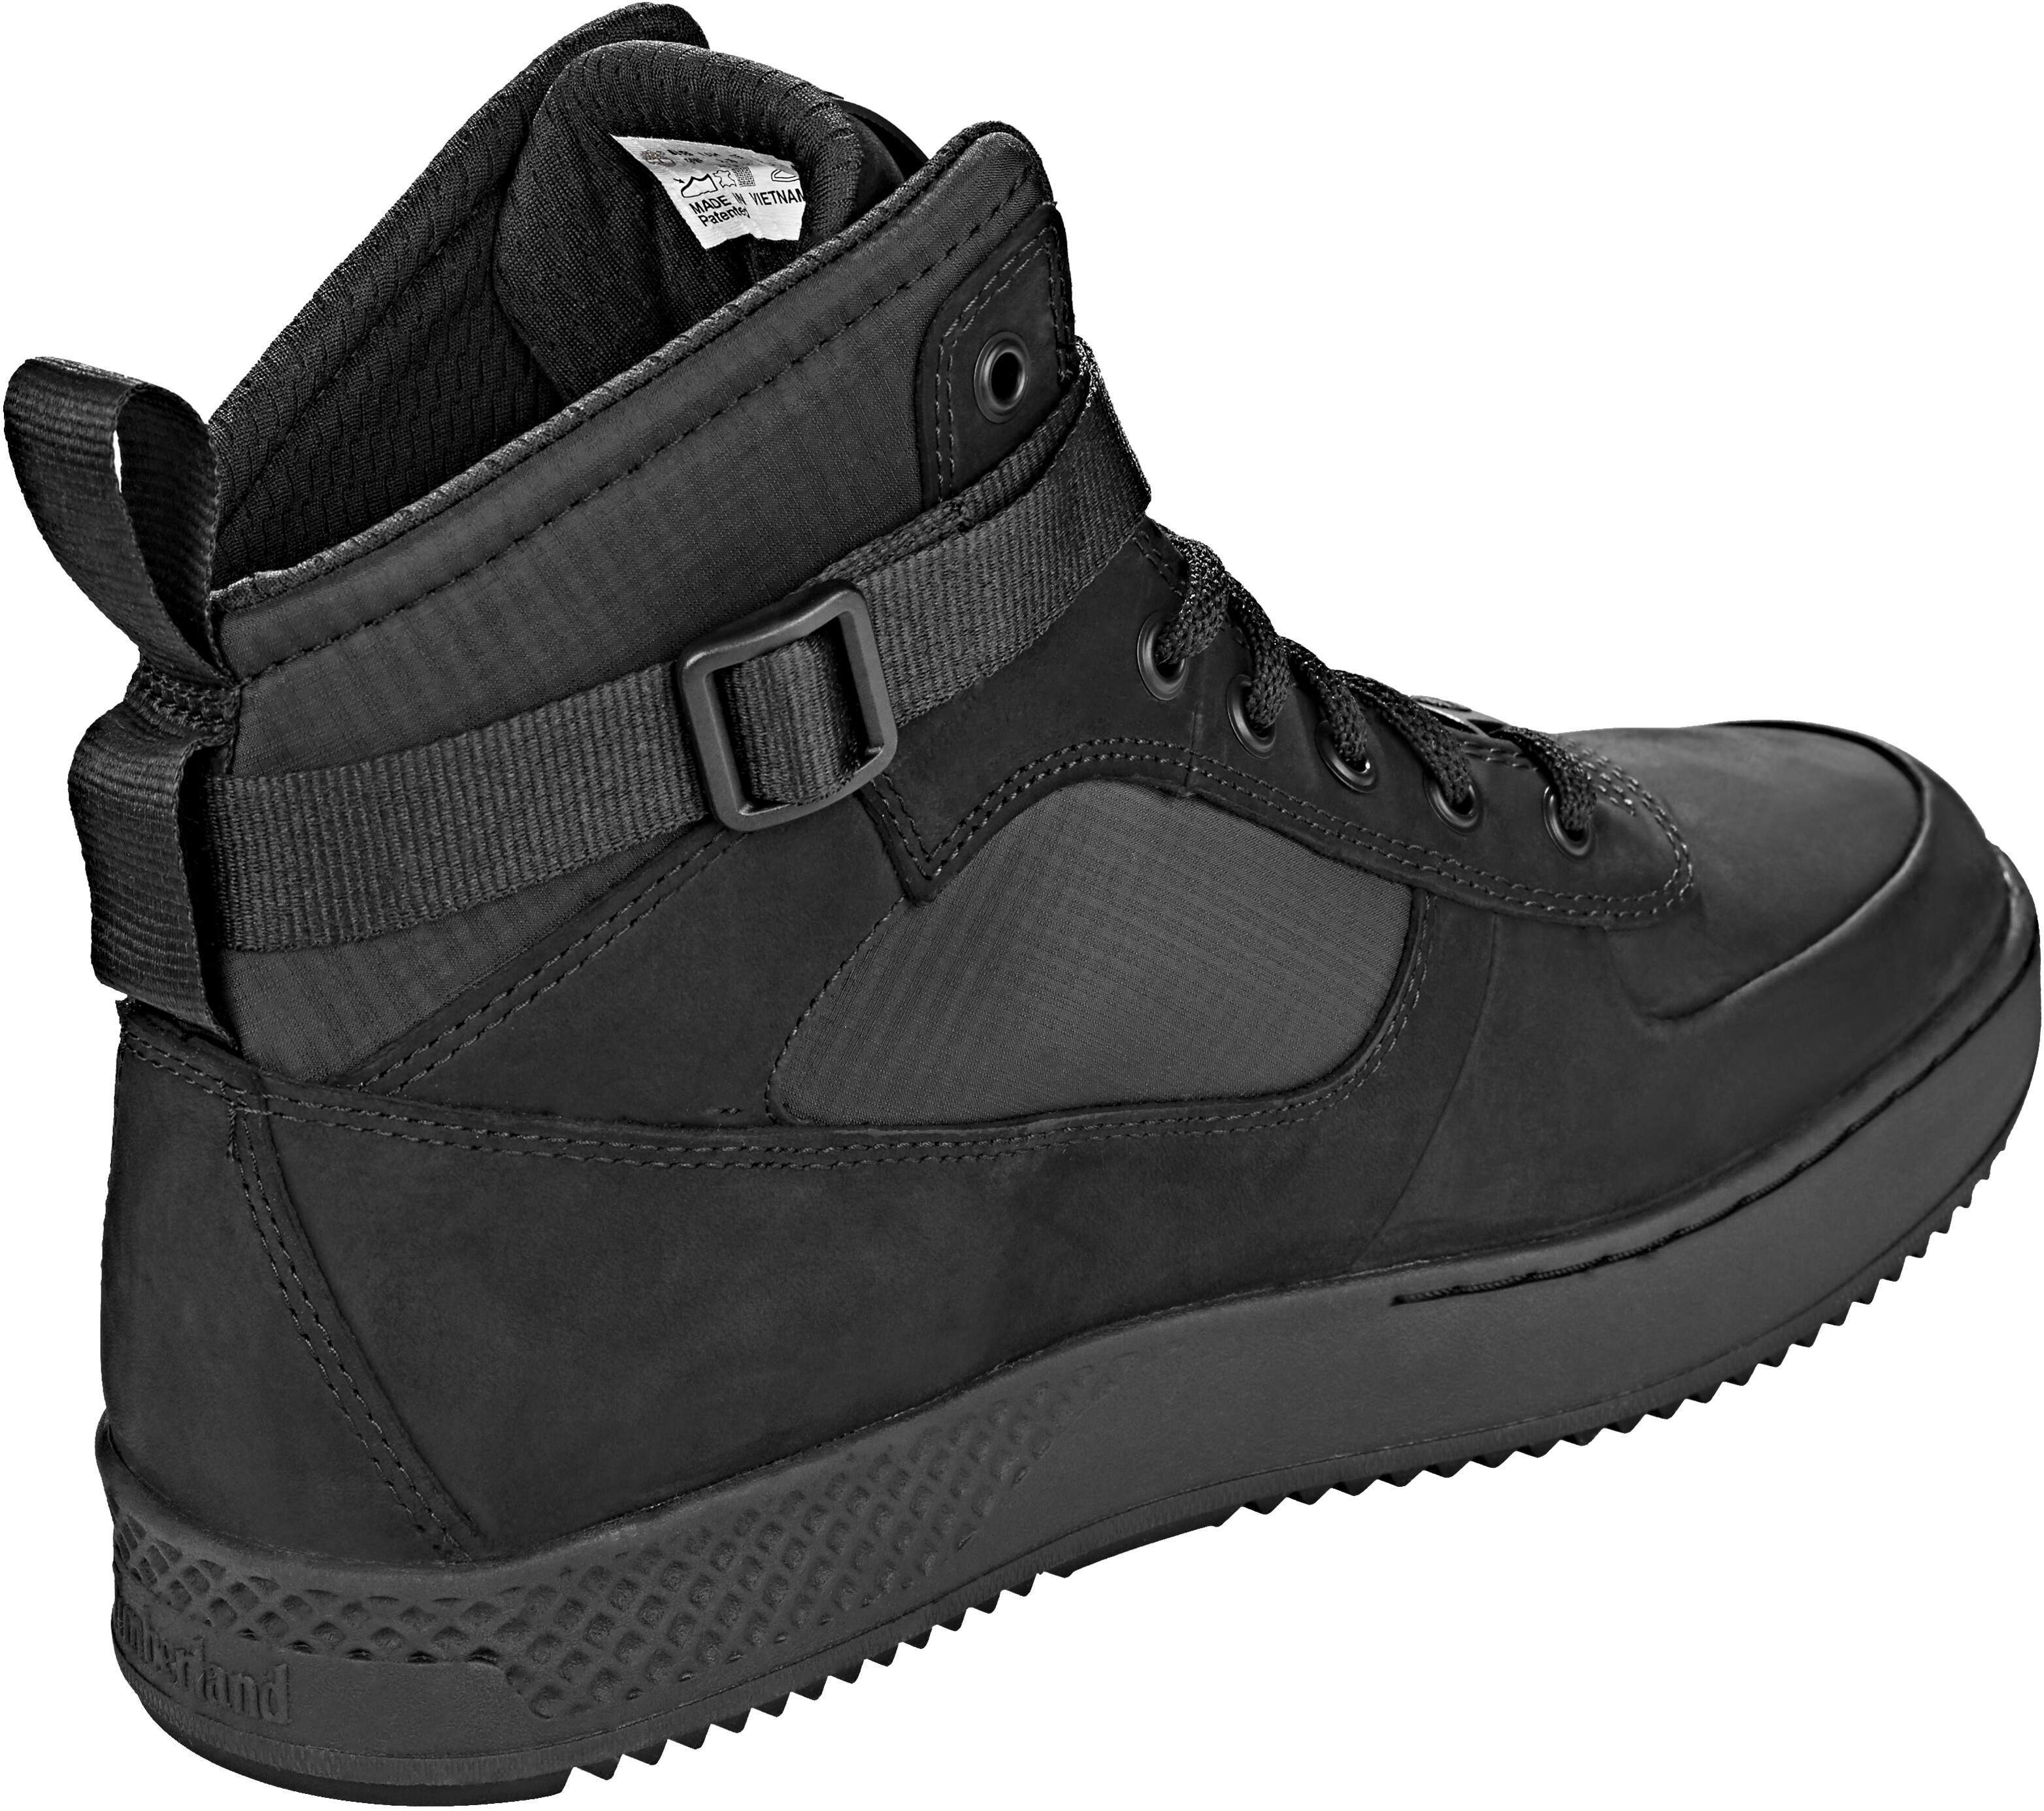 Finden Sie den niedrigsten Preis bieten Rabatte Freiraum suchen Timberland CityRoam Cupsole Chukka Shoes Men black nubuck